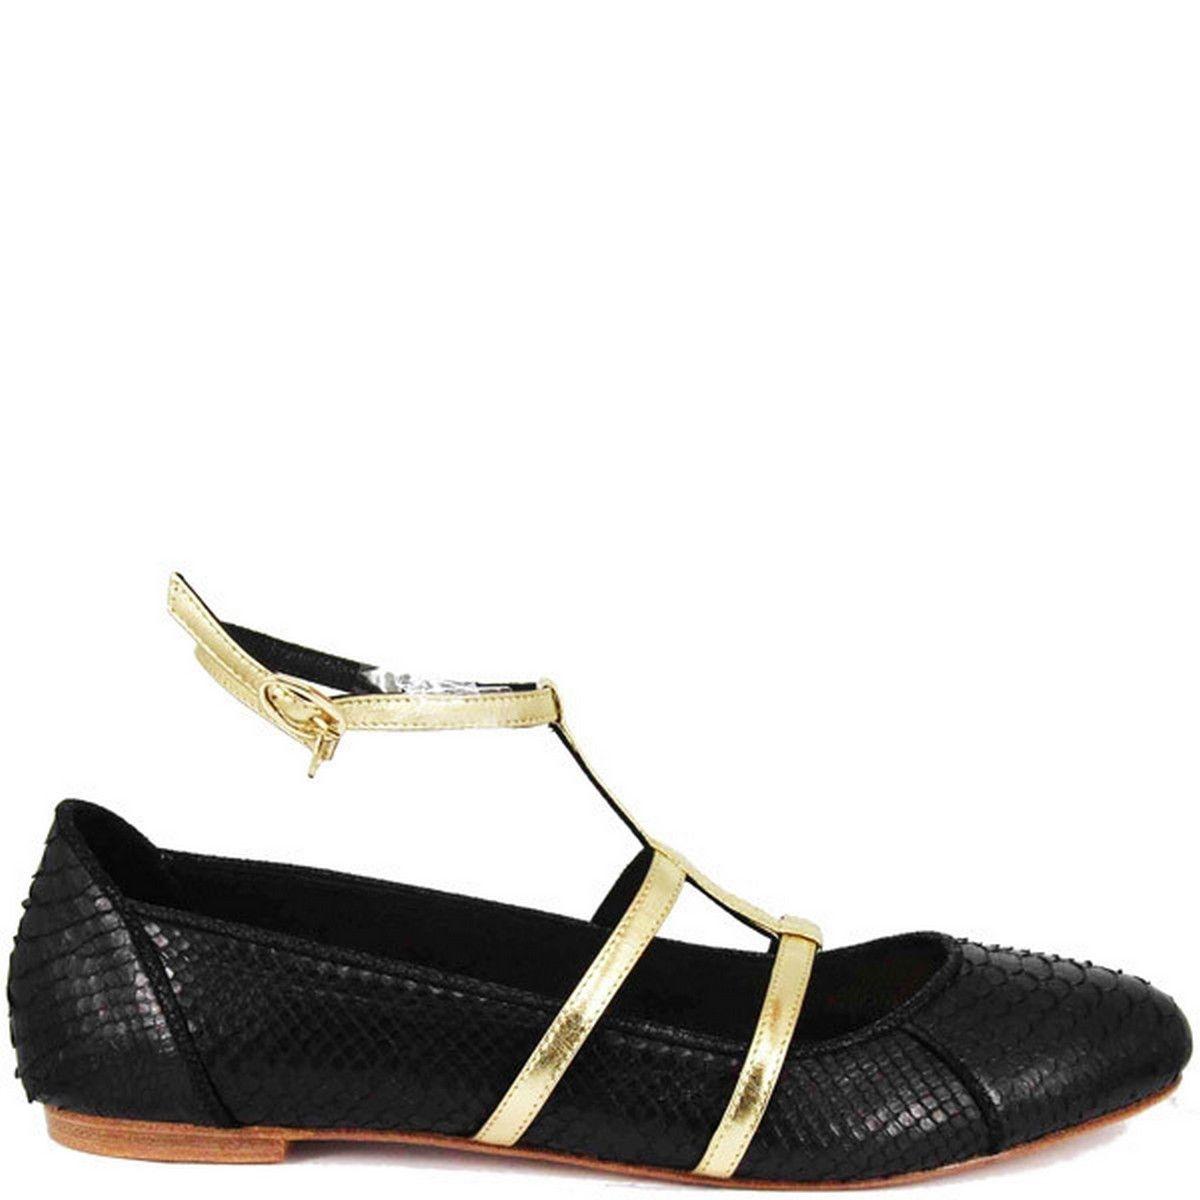 Chaussures femme en cuir BALLERINA